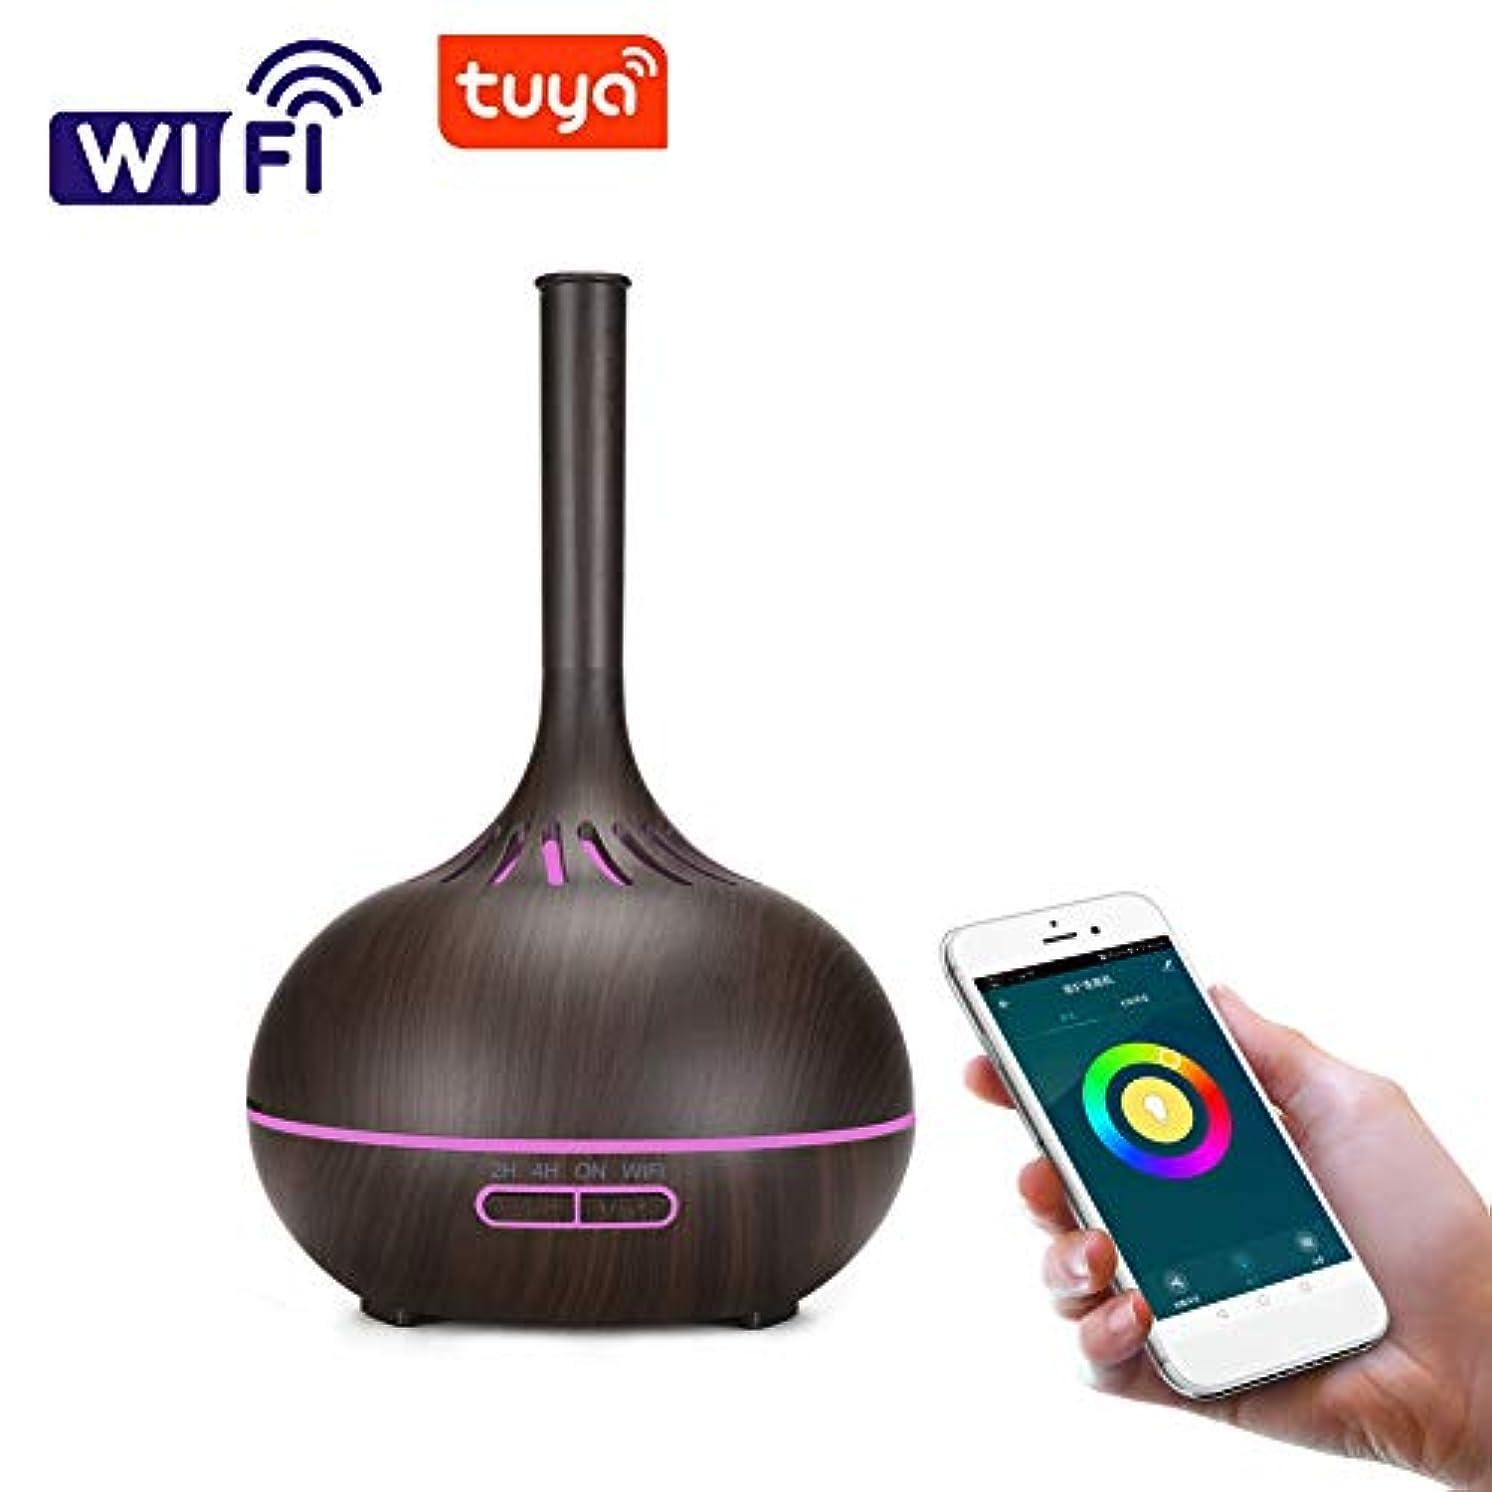 いっぱいフライト鋸歯状木目 涼しい霧 超音波式 加湿器,wifi 7 色 香り 精油 ディフューザー 調整可能 空気加湿器 アロマネブライザー ホーム Yoga オフィス- 400ml